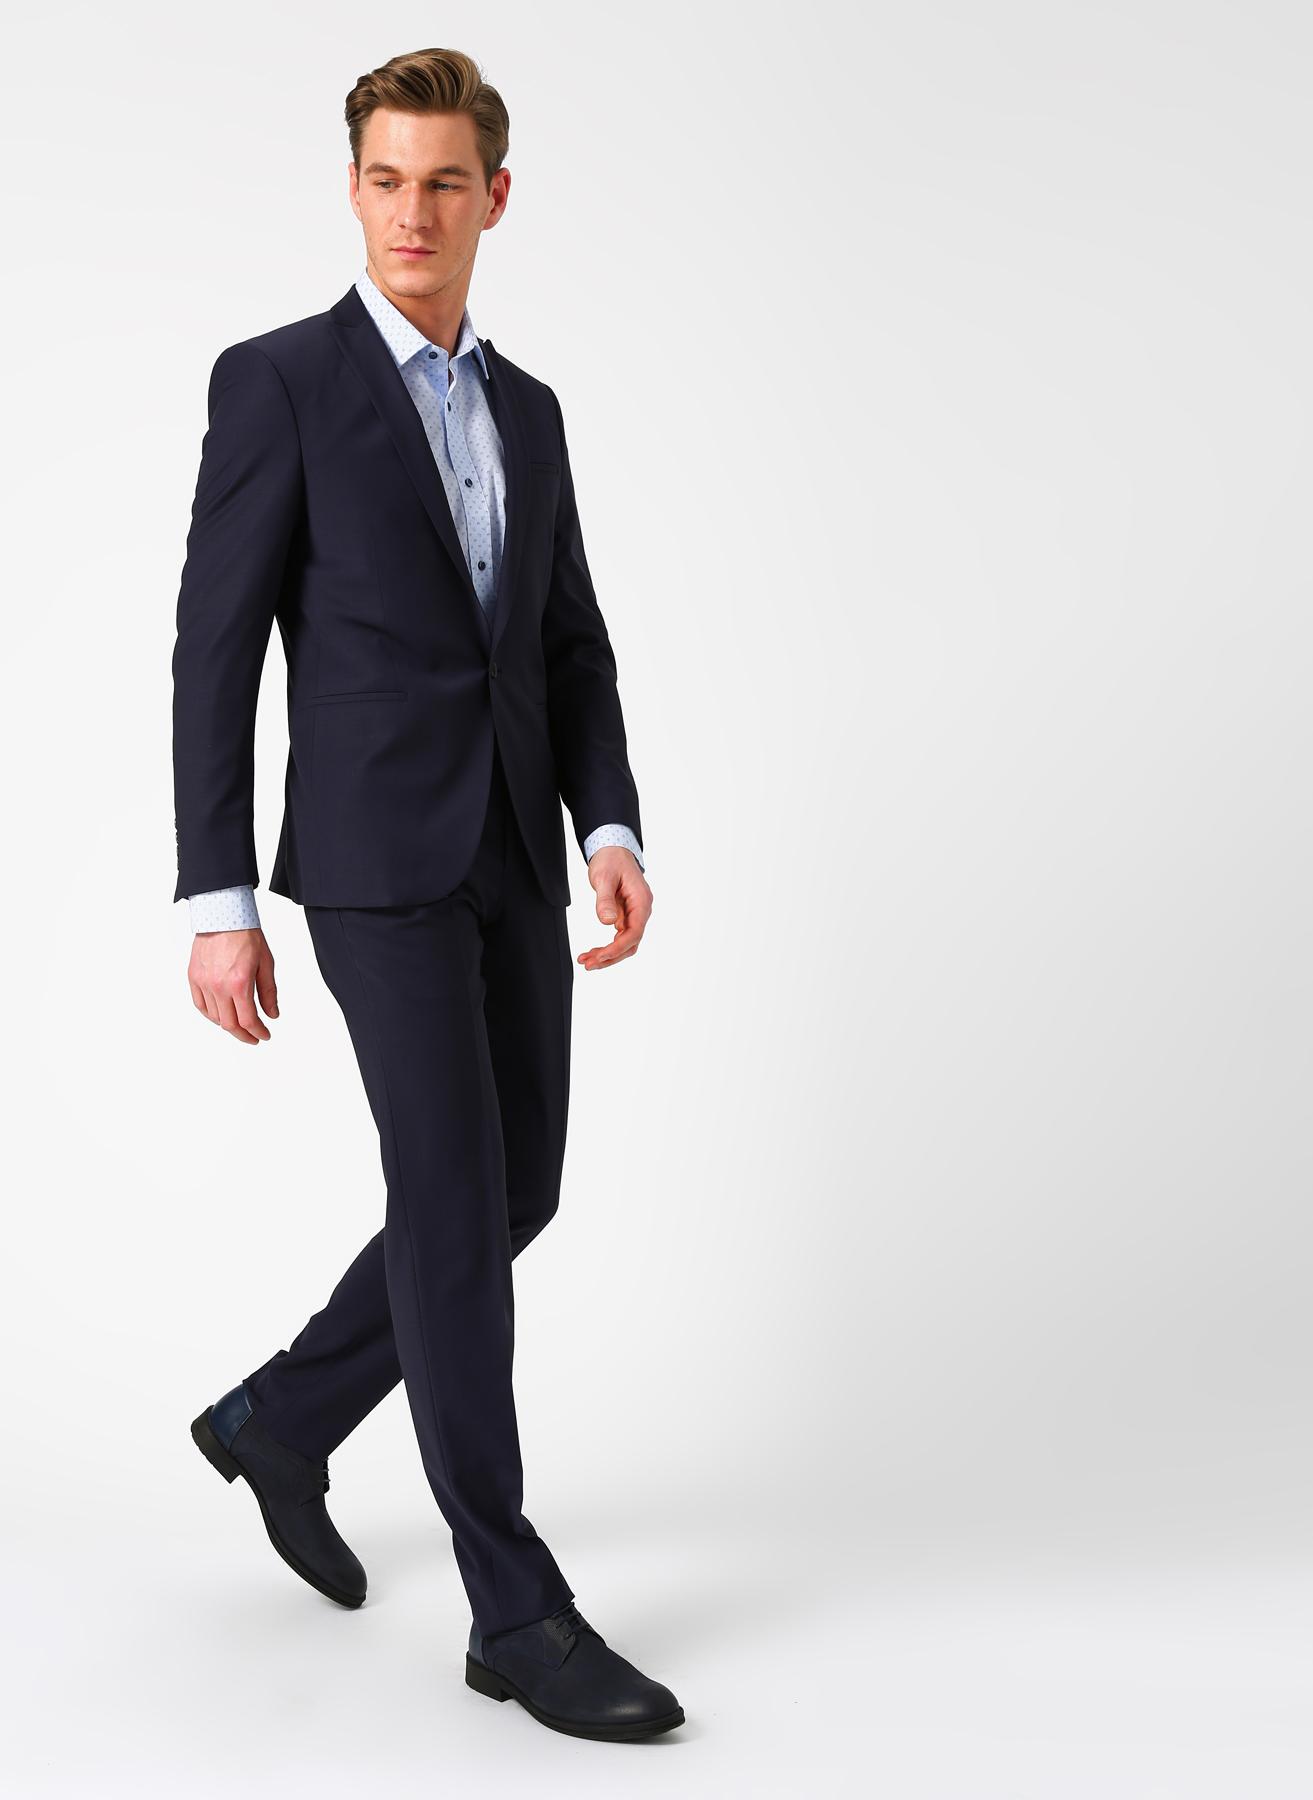 d39fabdfa6e3b 46-6 Koyu Lacivert Beymen Business Slim Fit Takım Elbise 5002360281001  Erkek Giyim